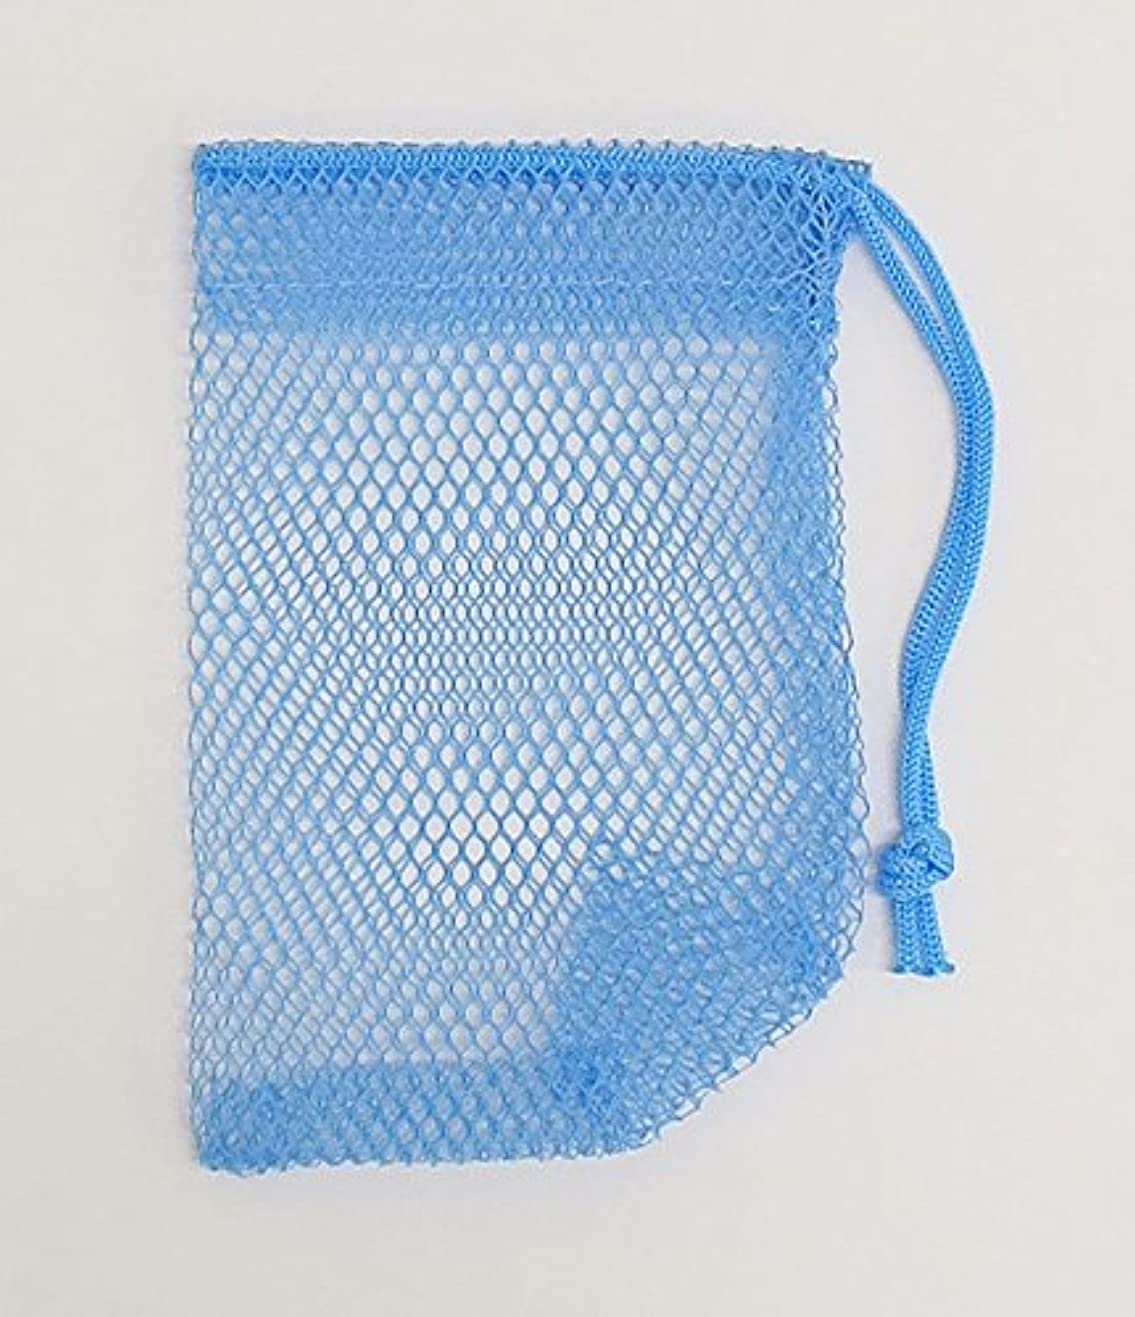 より平らな伝統的本土石けんネット ひもタイプ 20枚組 ブルー